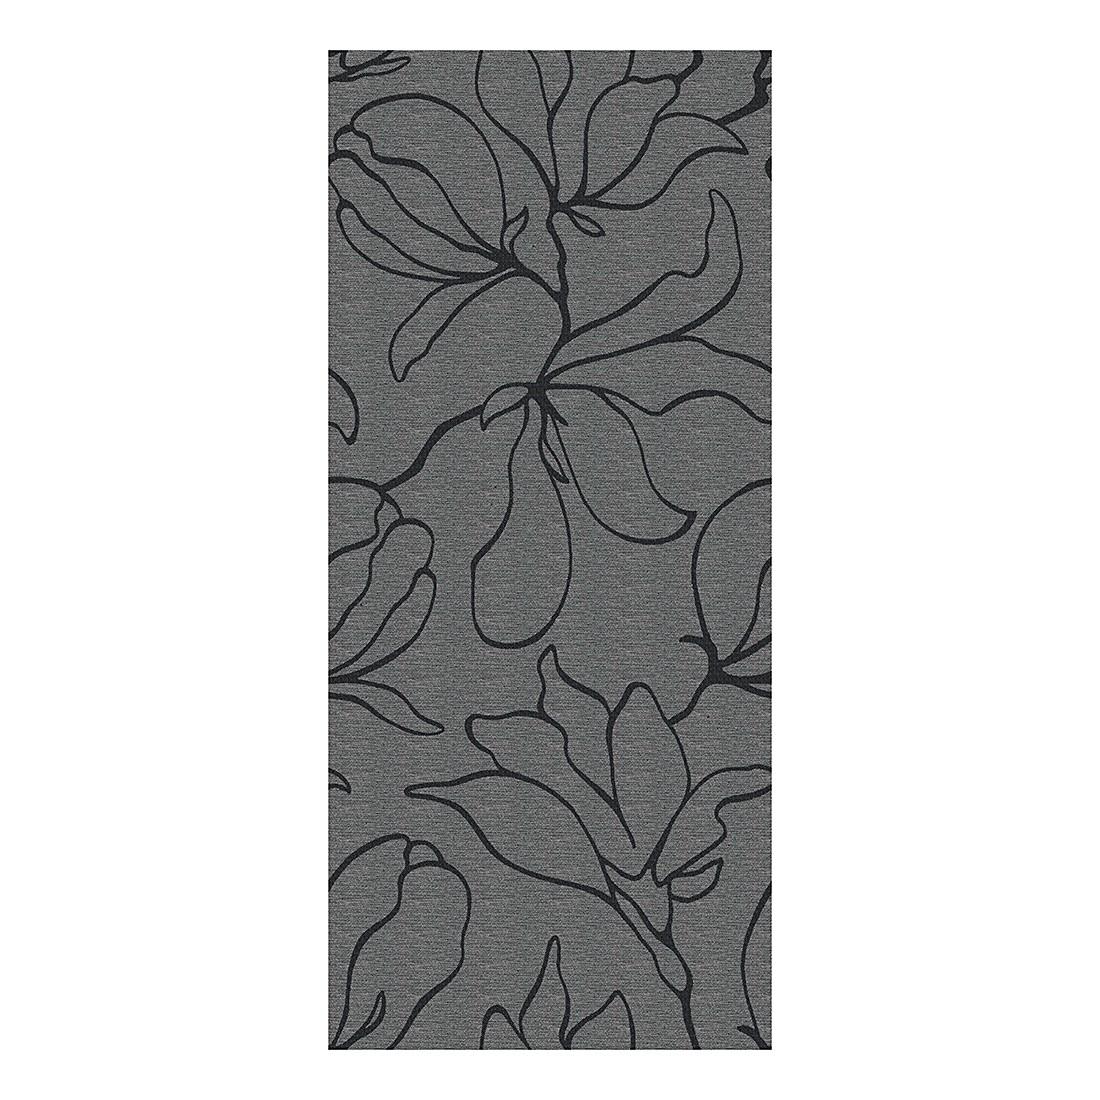 Tischdecke Uni-Basic II – Grau, Apelt online kaufen